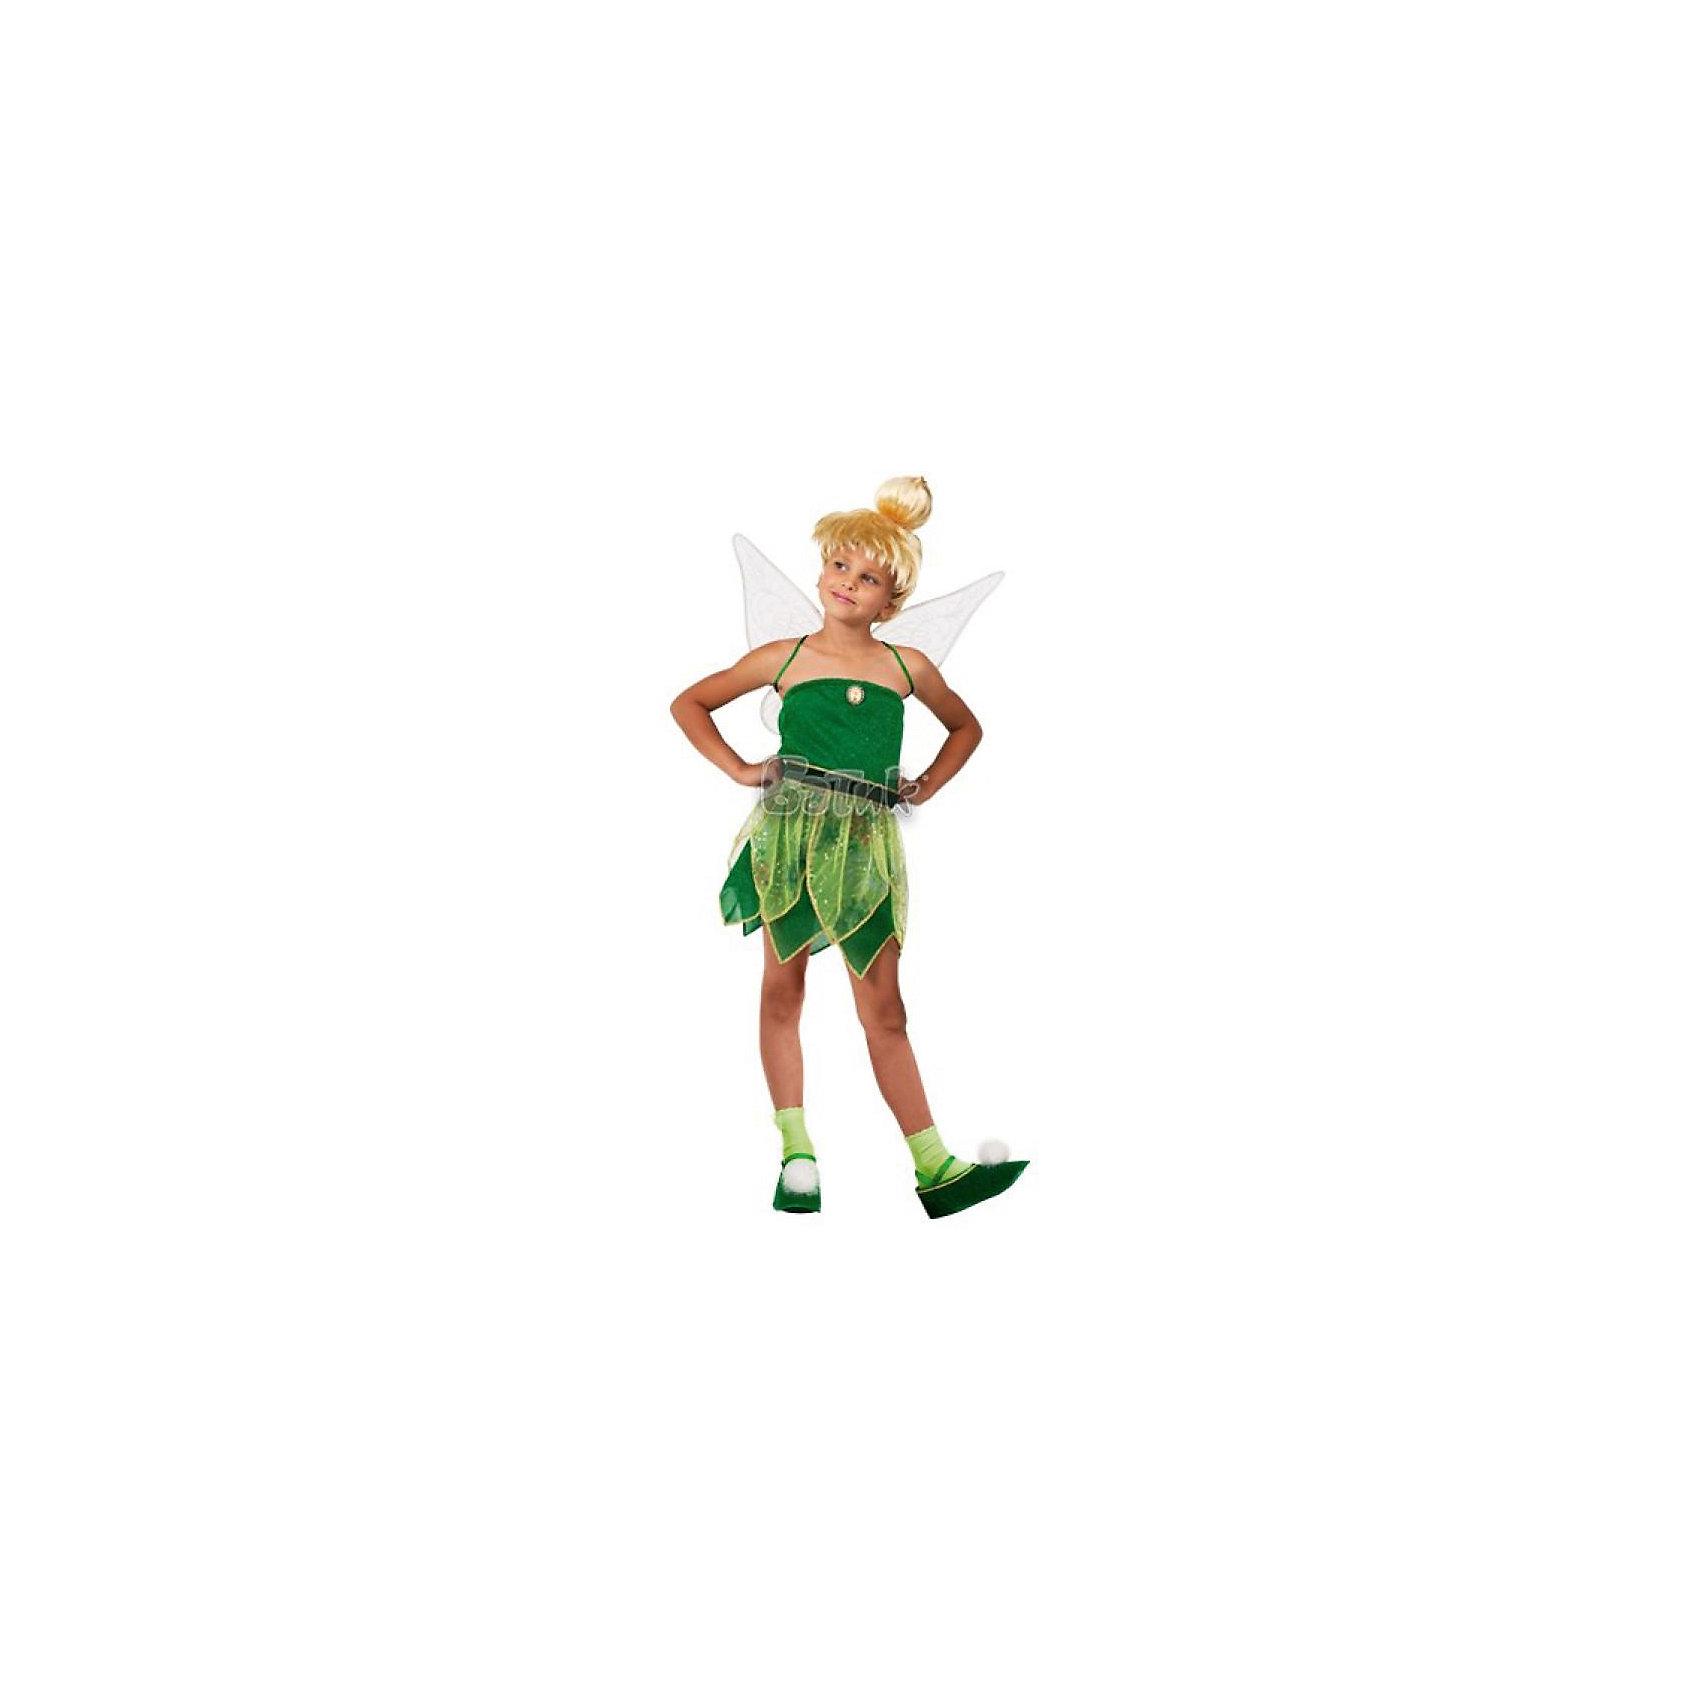 Батик Карнавальный костюм Фея Динь-Динь, Батик батик карнавальный костюм капитан флинт